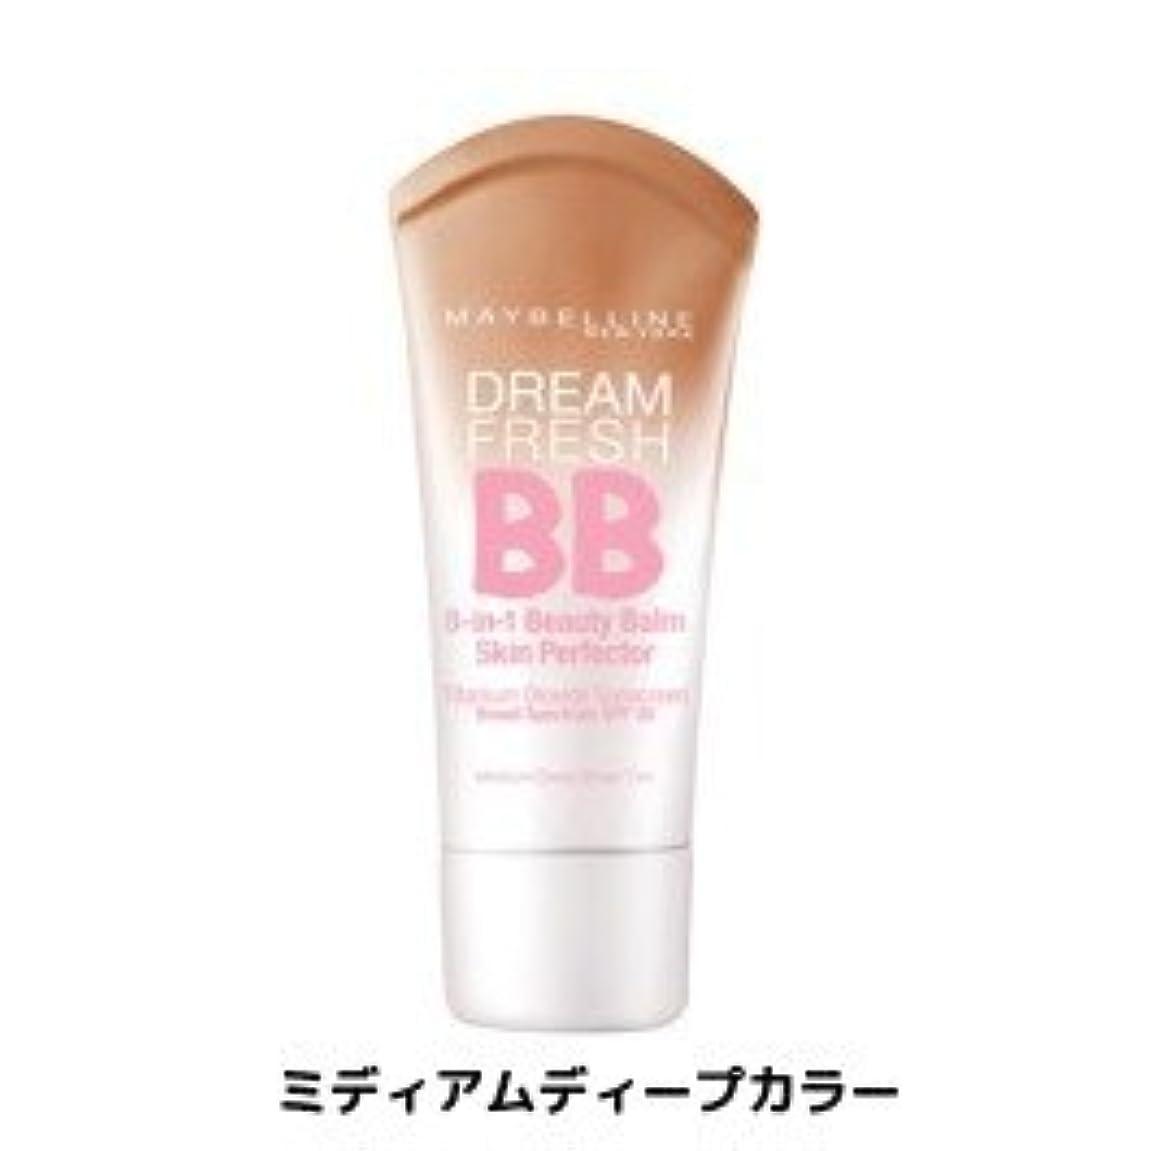 プラットフォーム広げるオークランドメイベリン BBクリーム  SPF 30*Maybelline Dream Fresh BB Cream 30ml【平行輸入品】 (ミディアムディープカラー)